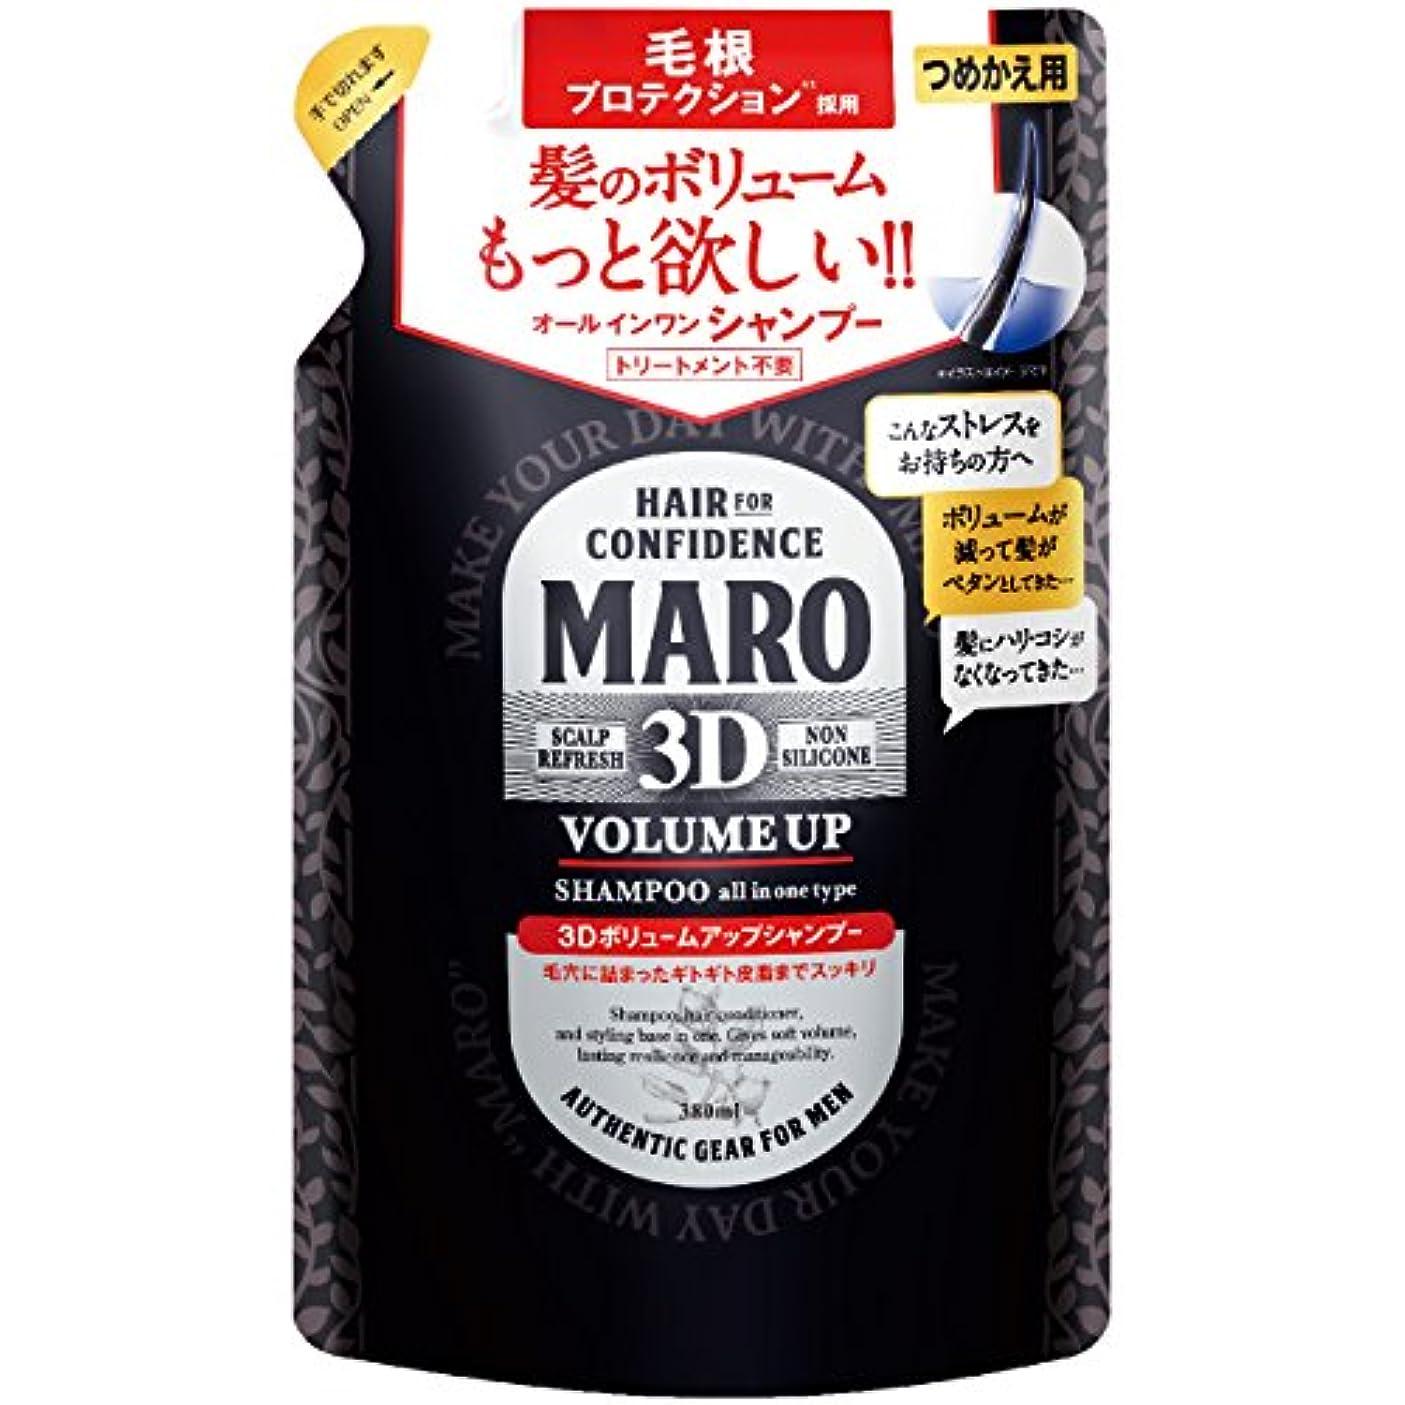 オピエート甘くする精査MARO 3Dボリュームアップ シャンプー EX 詰め替え 380ml